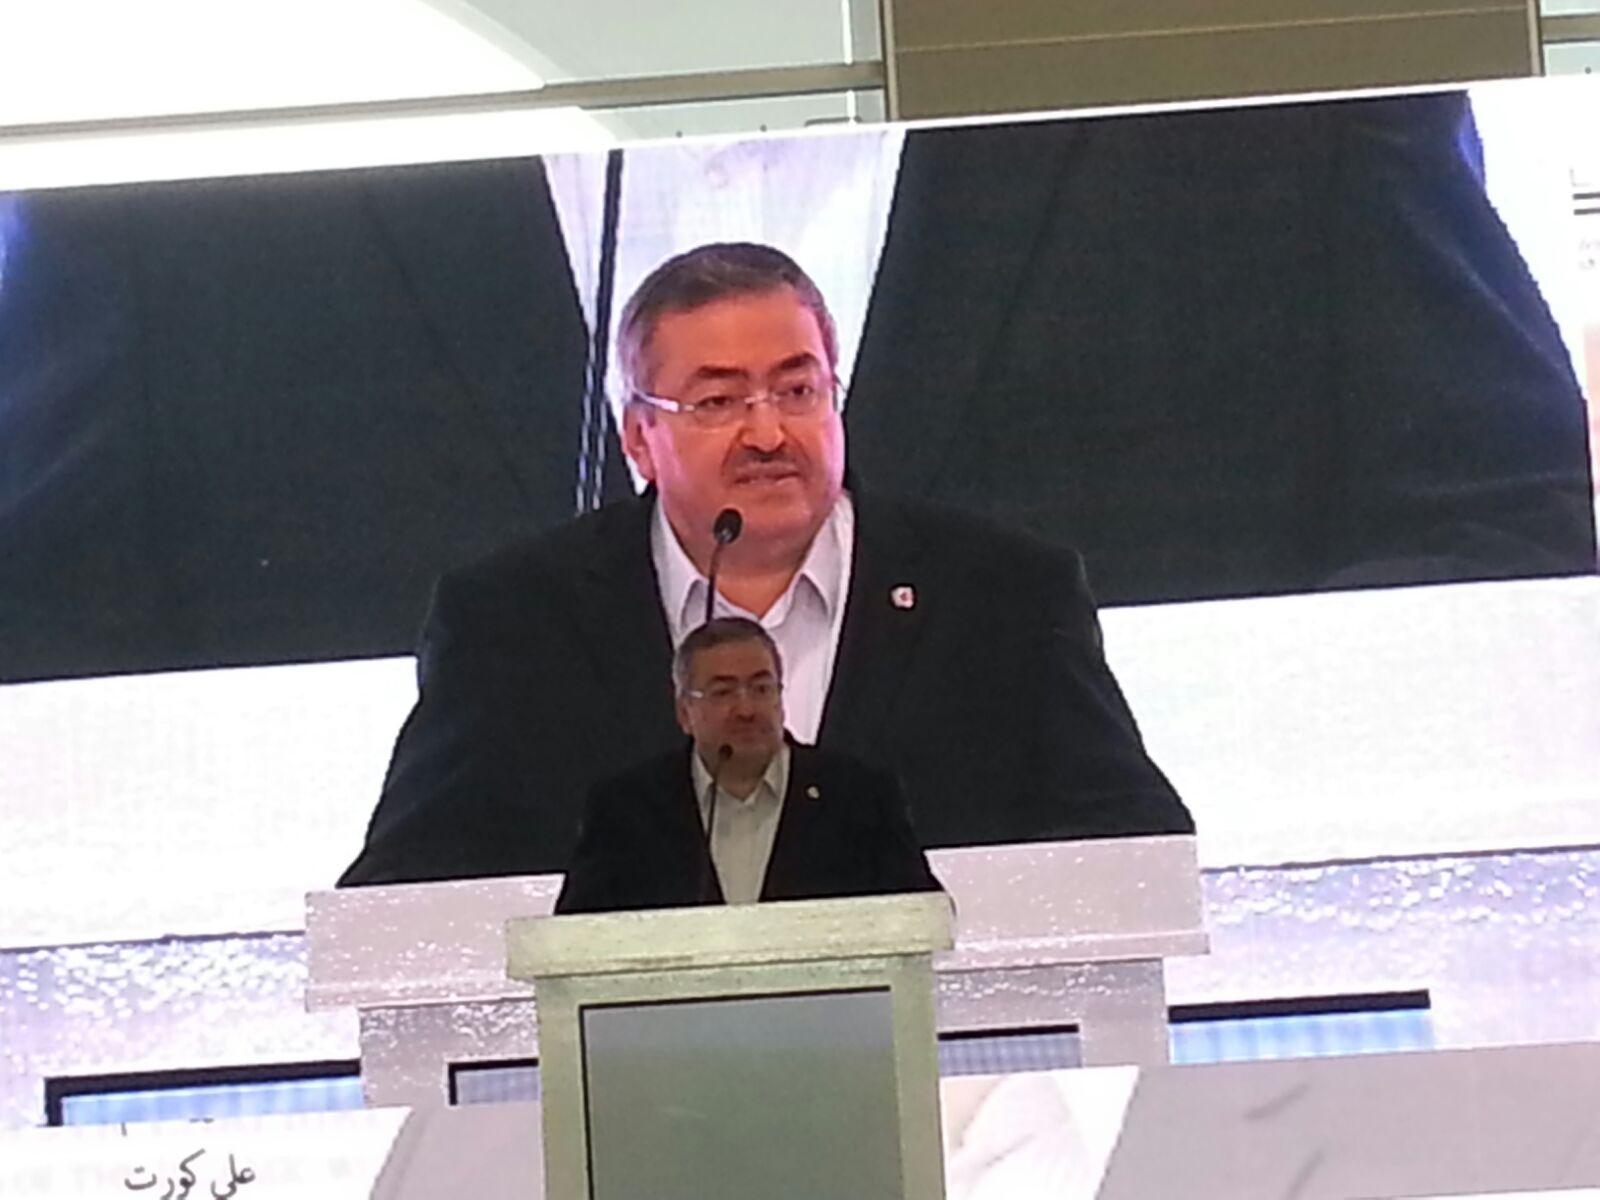 IİDSB Genel Sekreteri Sn Ali Kurt 2. Uluslararası STK Fuarında yaptığı ASSAM  Röportajı